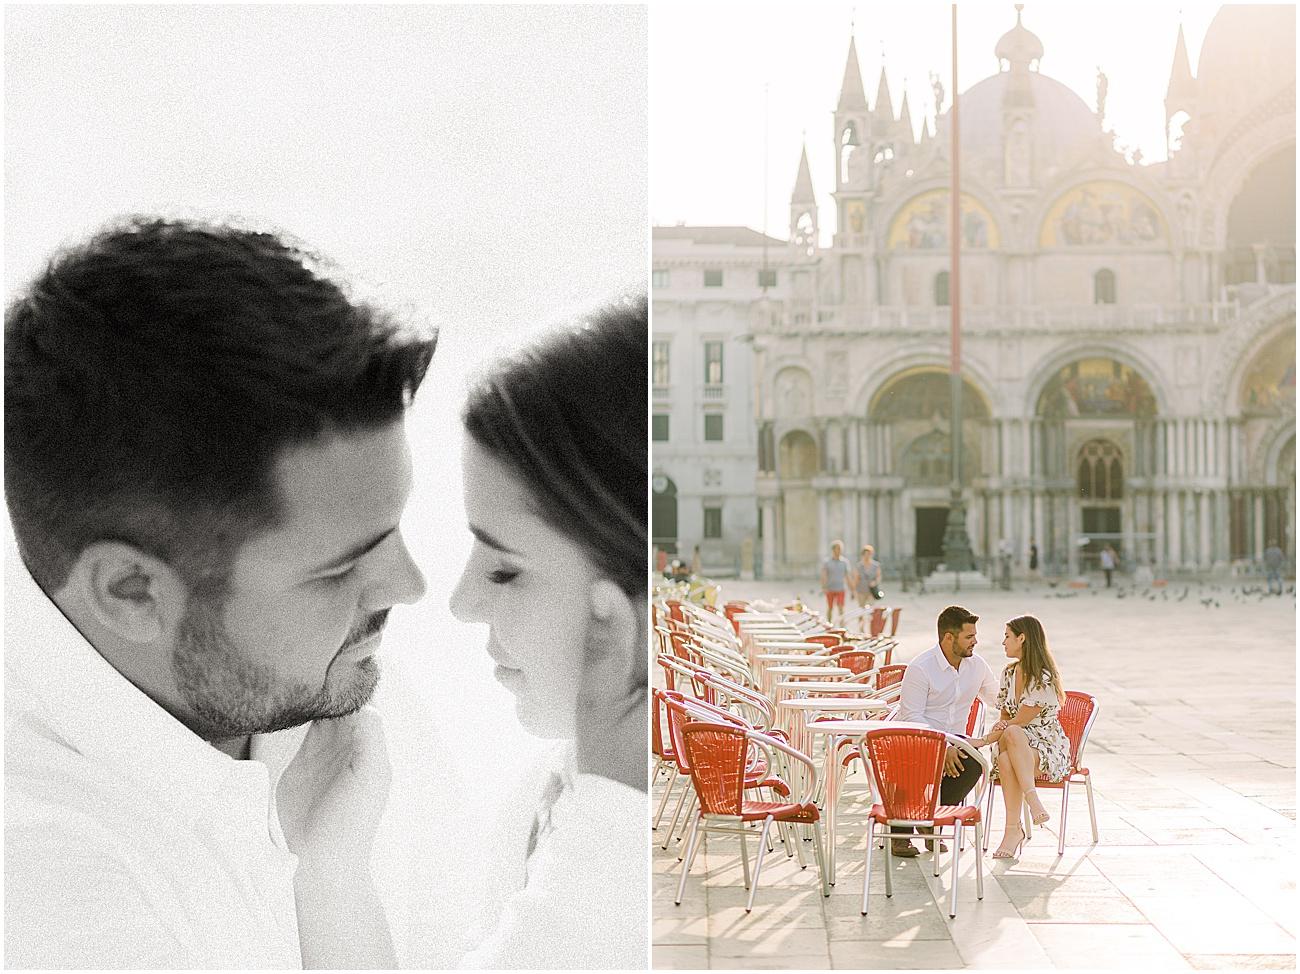 couple-lifestyle-photoshoot-in-venice-gondola-sunrise-stefano-degirmenci_0155.jpg